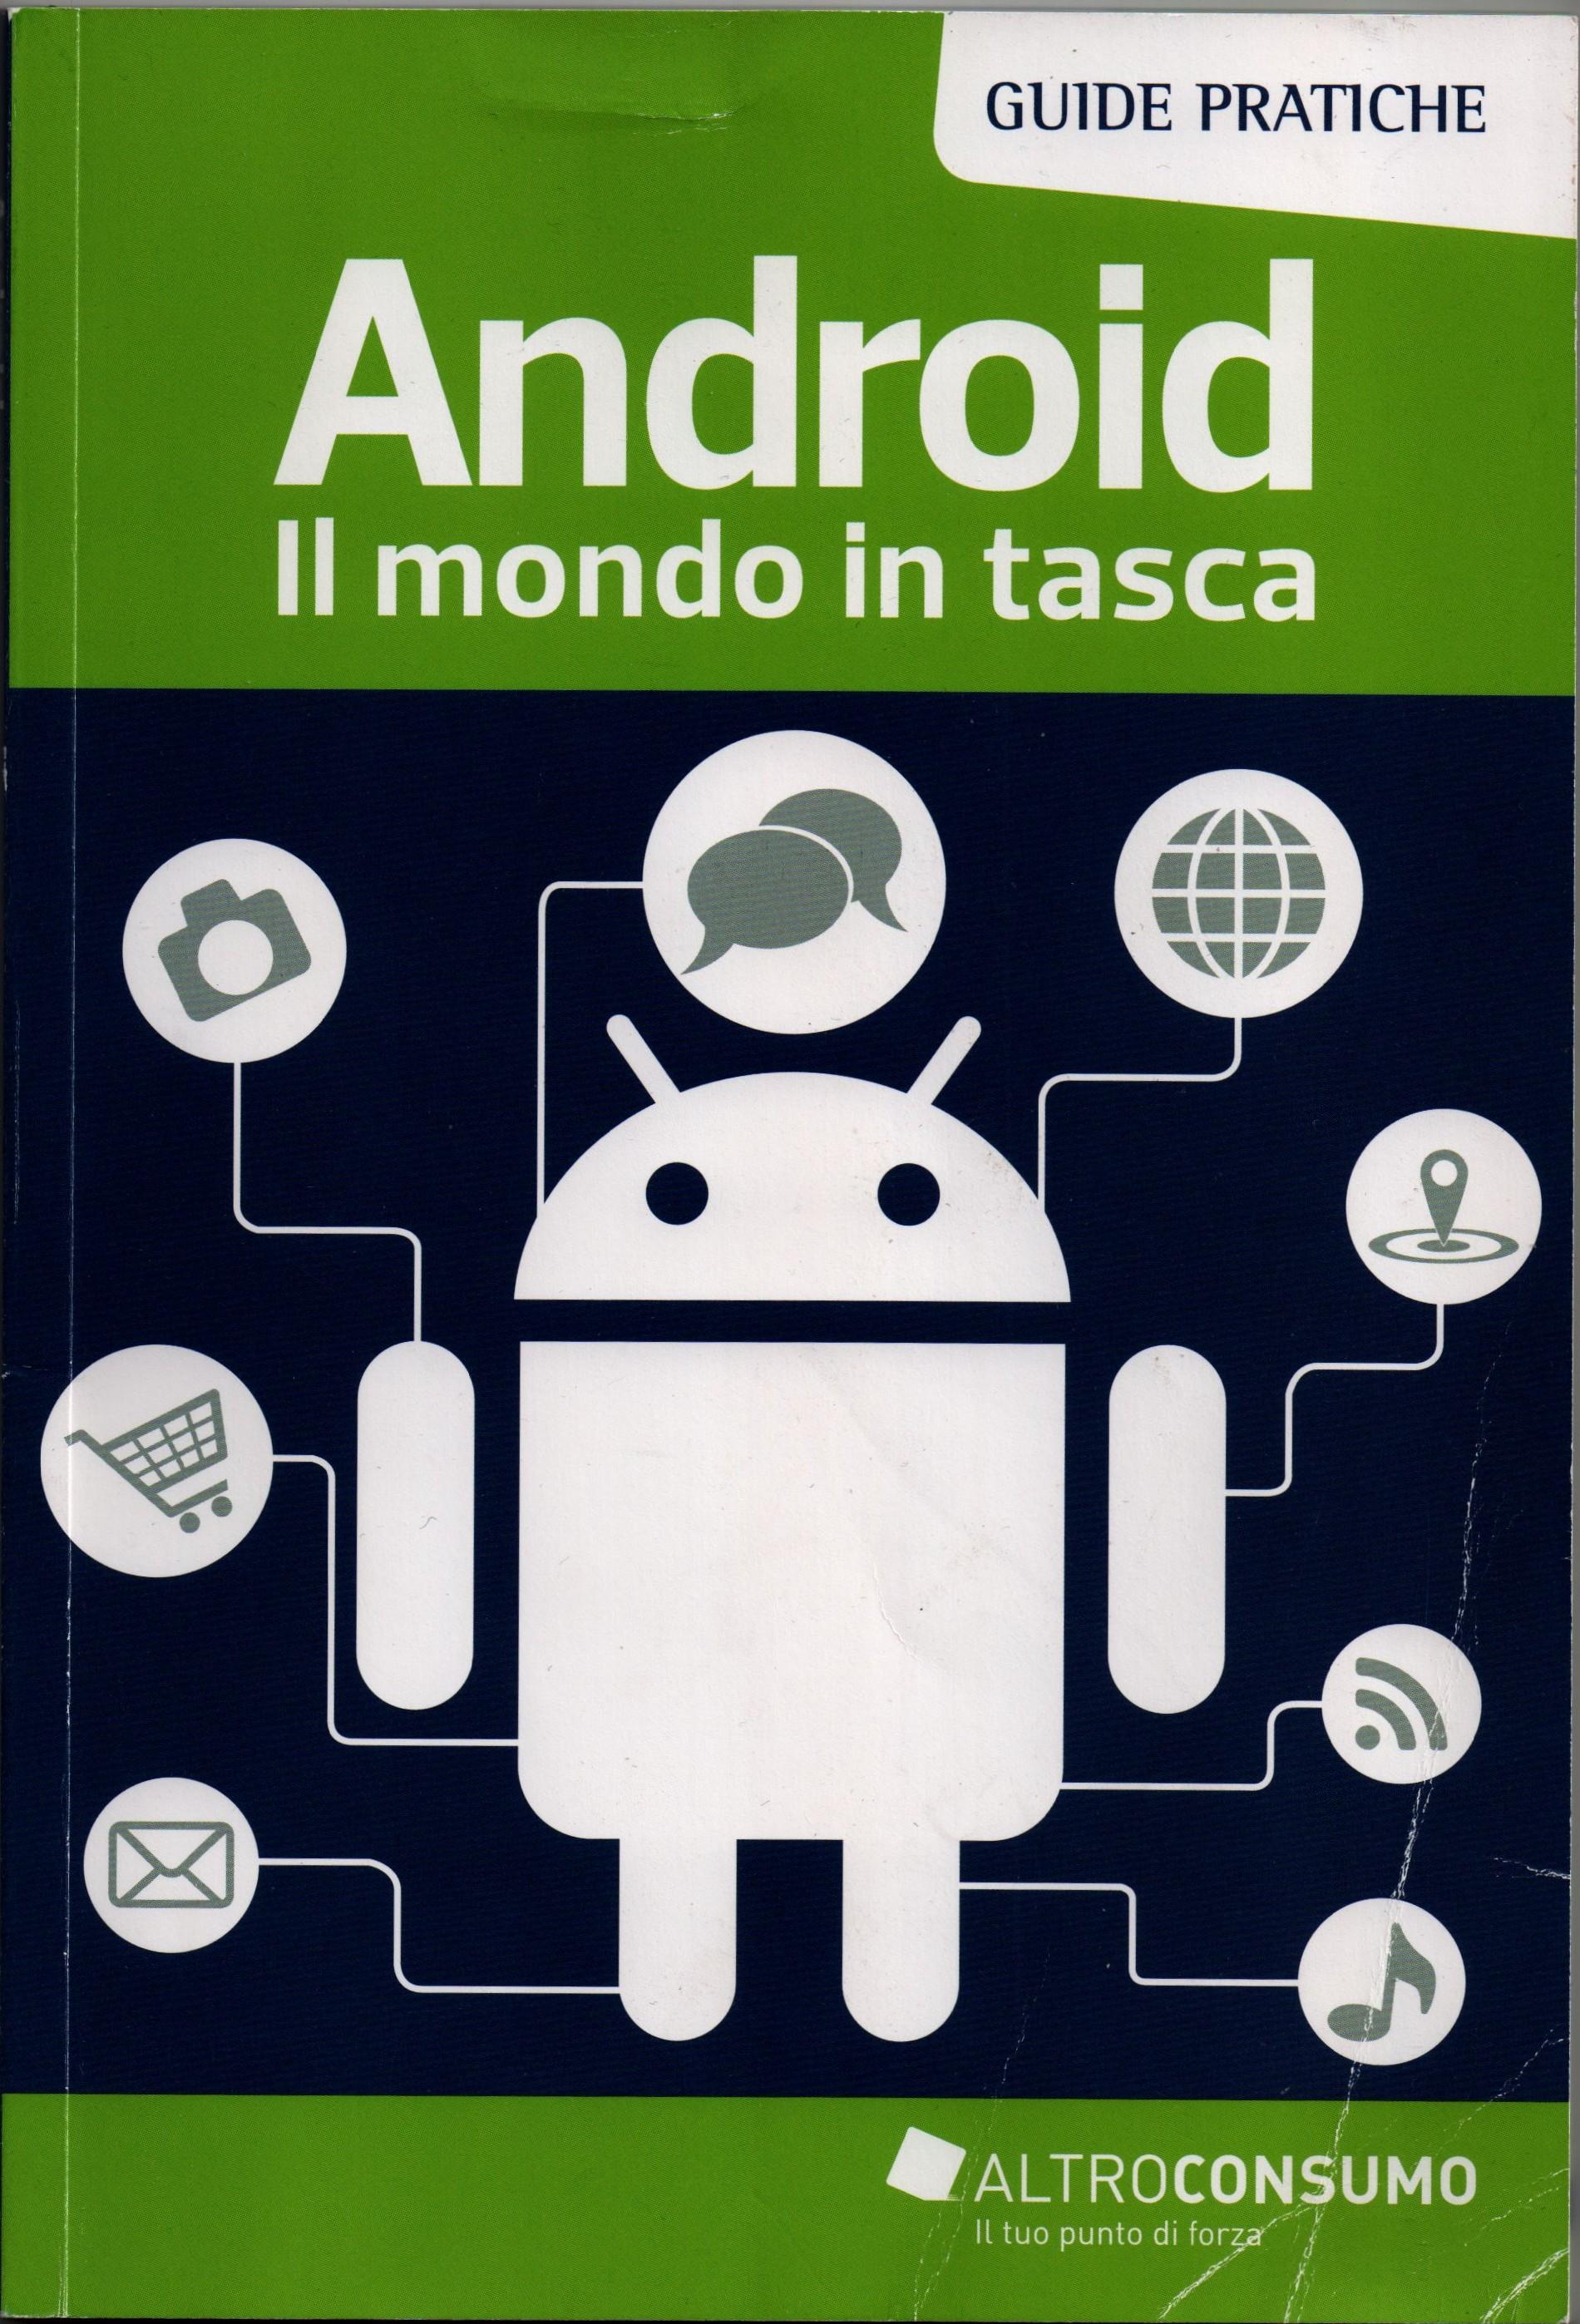 Android: Il mondo in tasca